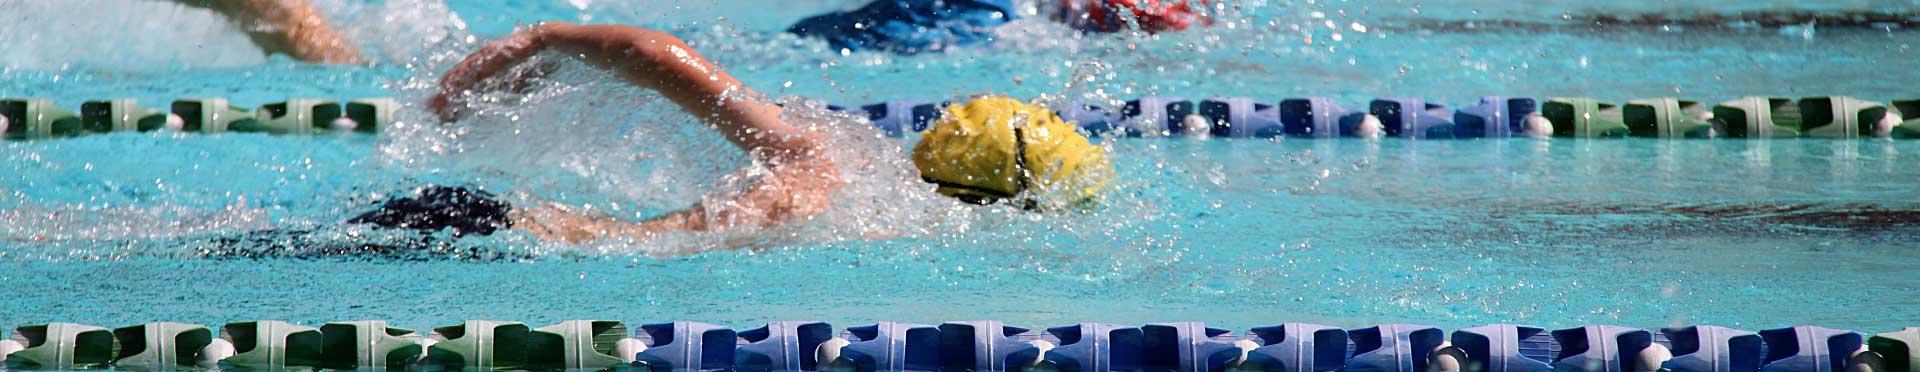 instalación de electrólisis salina en piscina olímpica